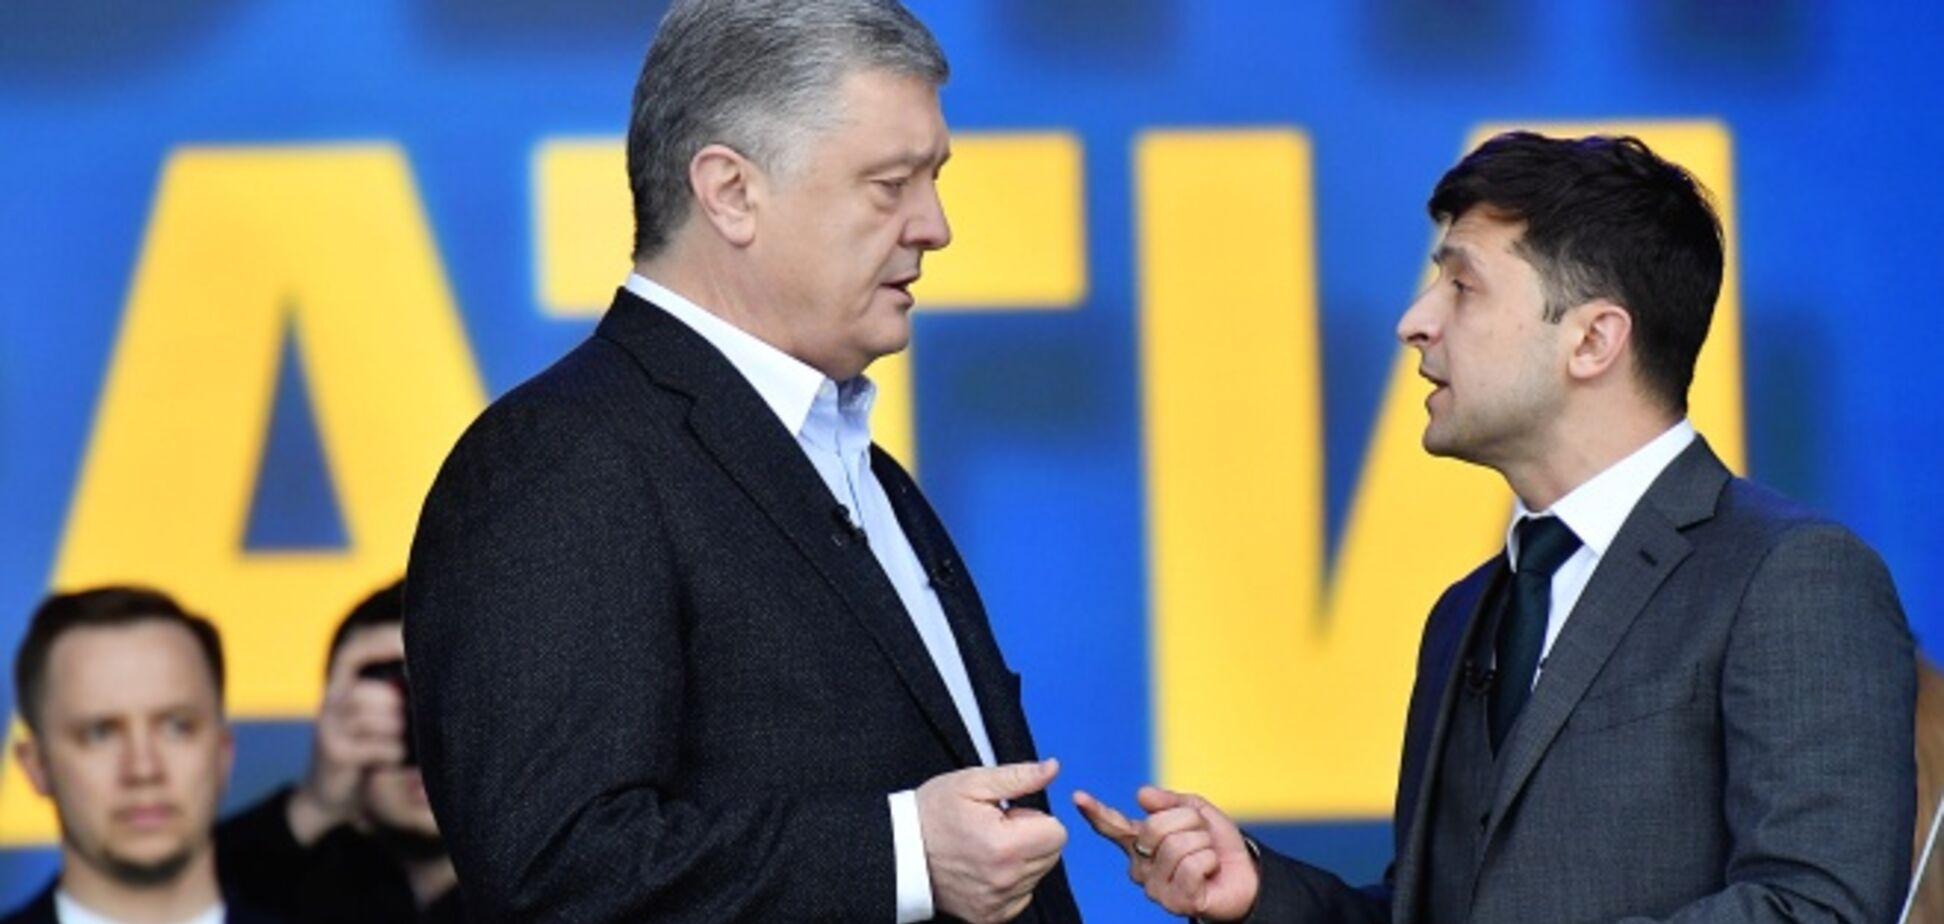 Зеленский не ответил на вопросы, которые сам же задавал Порошенко на дебатах – СМИ